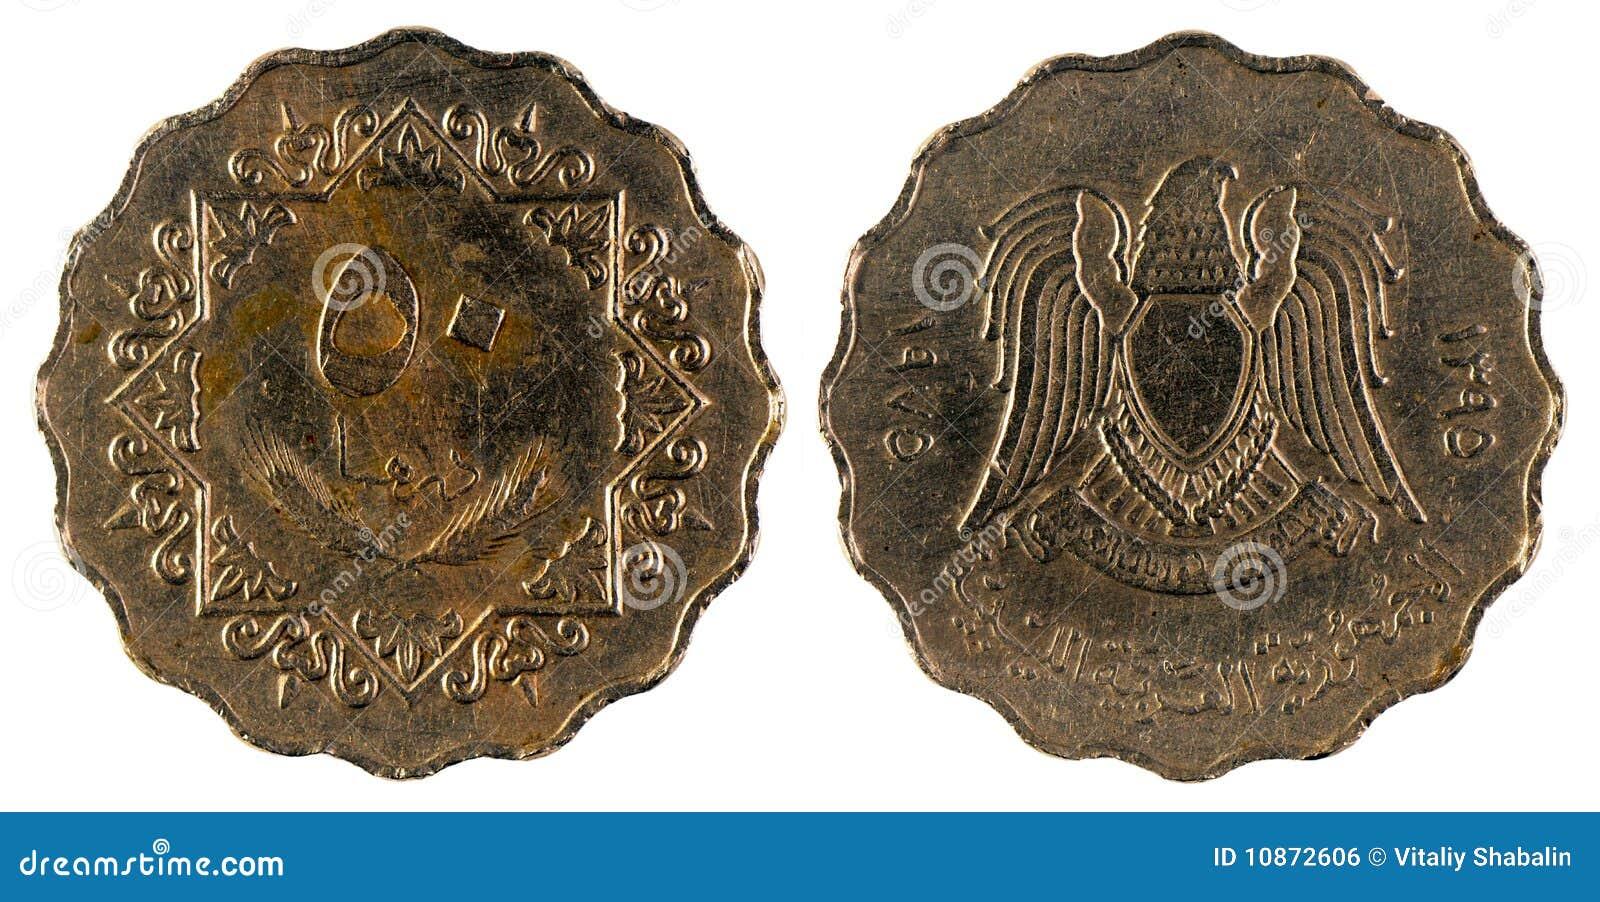 Alte Arabische Münze Stockfoto Bild Von Rückseite Metall 10872606